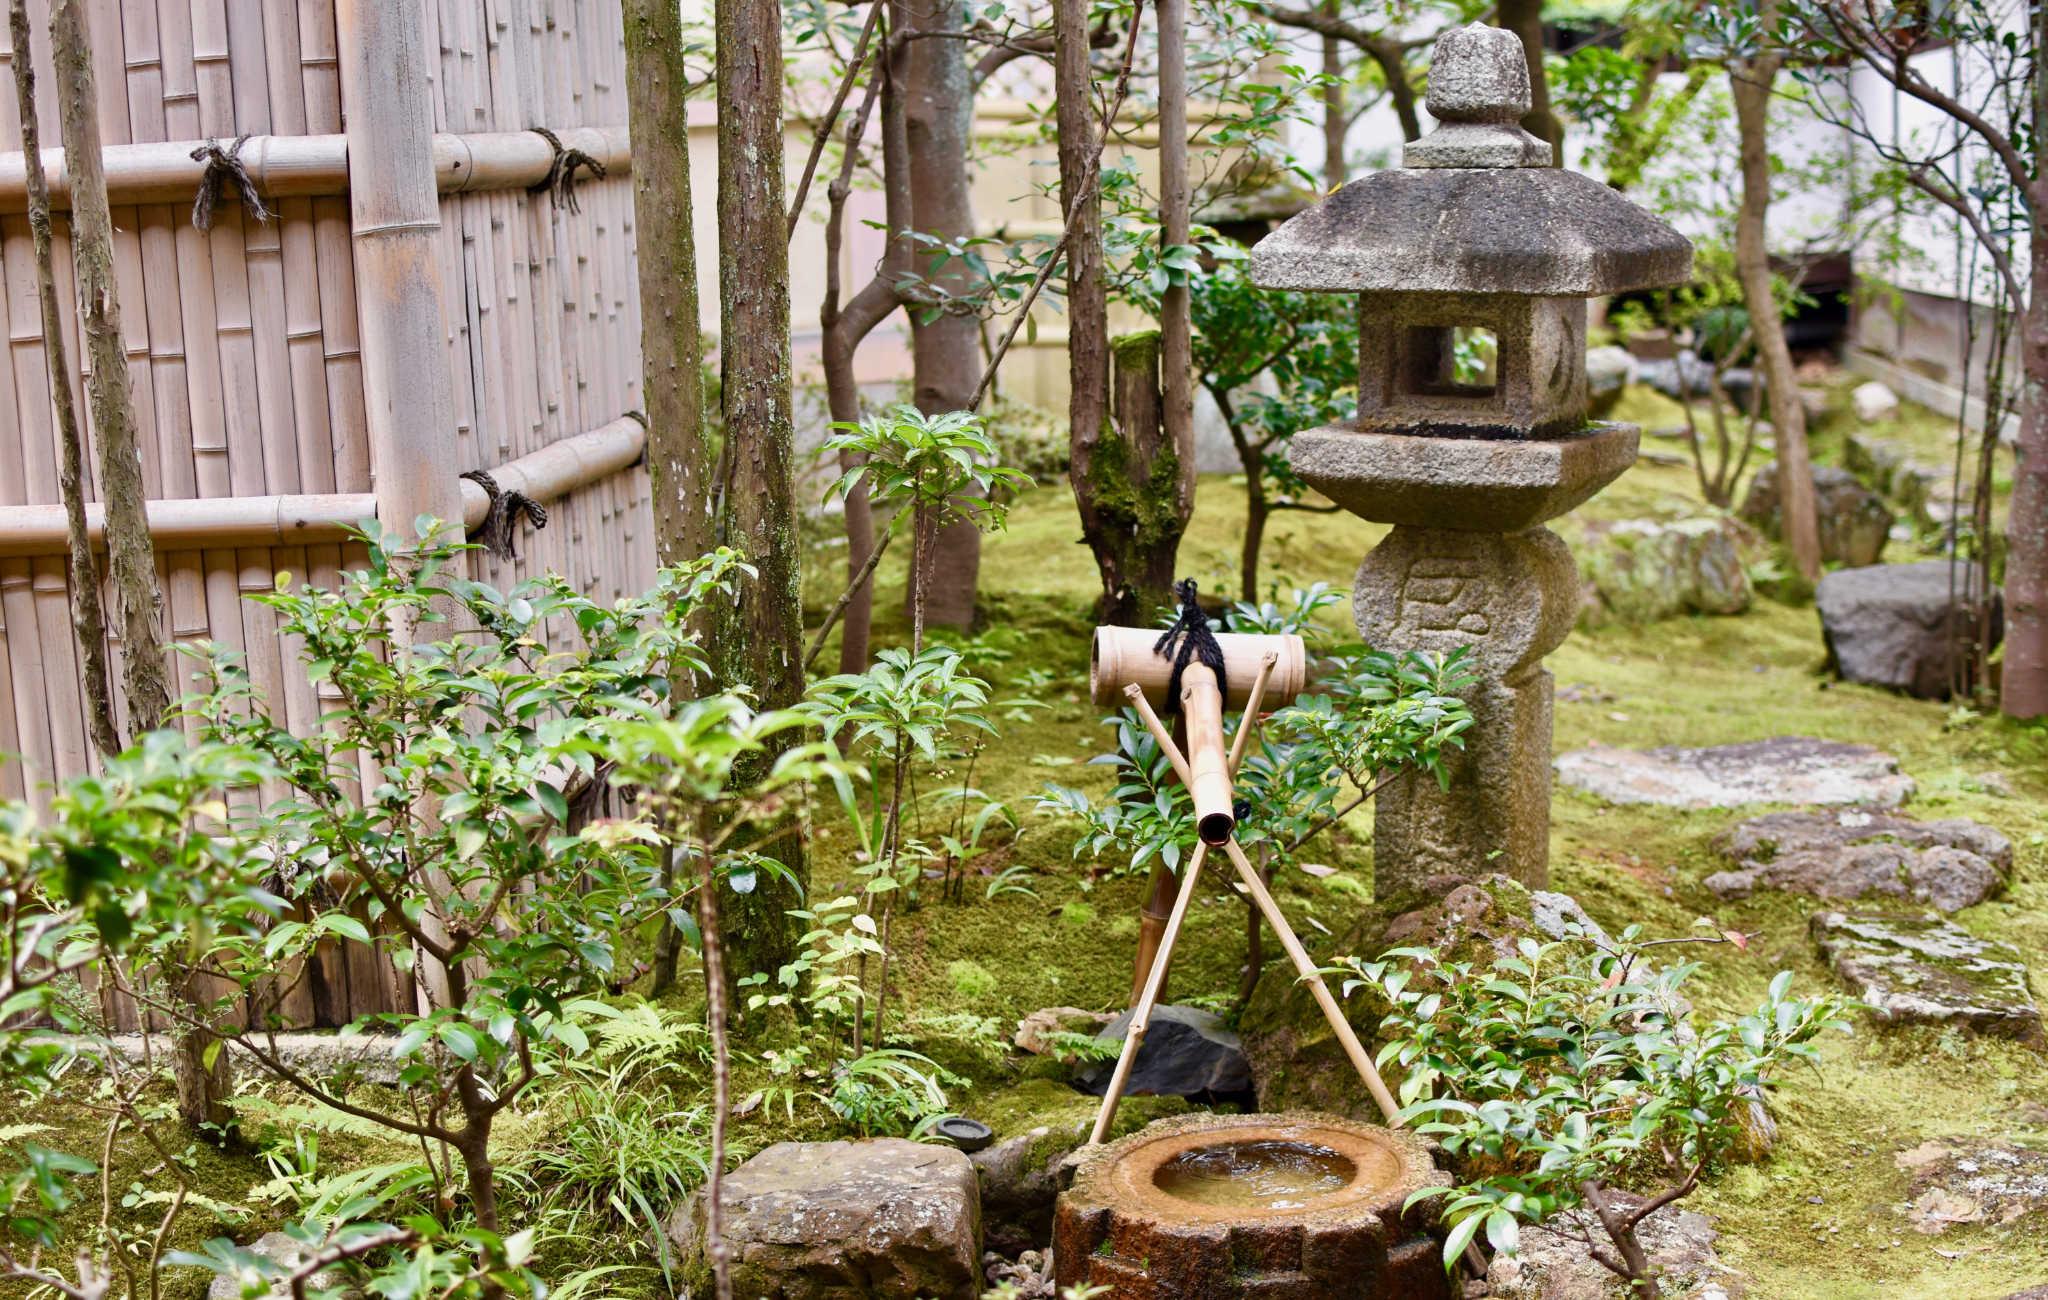 Les jardins japonais d finition et diff rents types for Jardin japonais lanterne